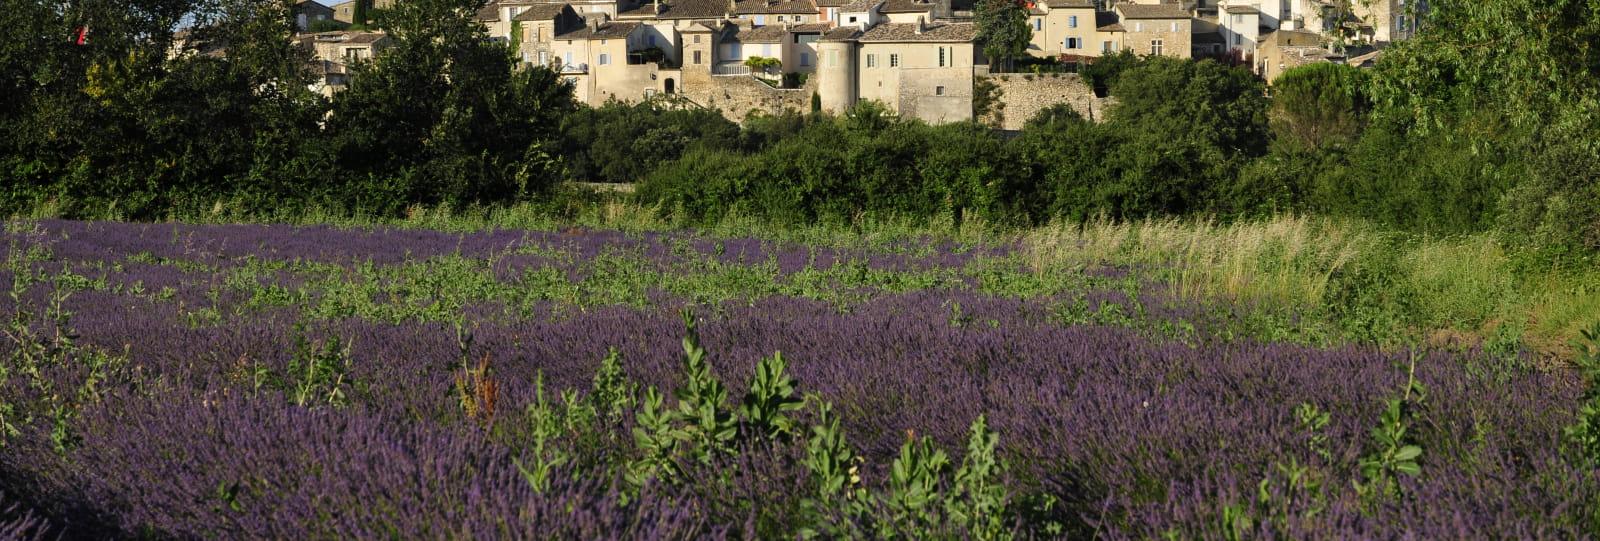 Grignan et ses lavandes - Village de Grignan